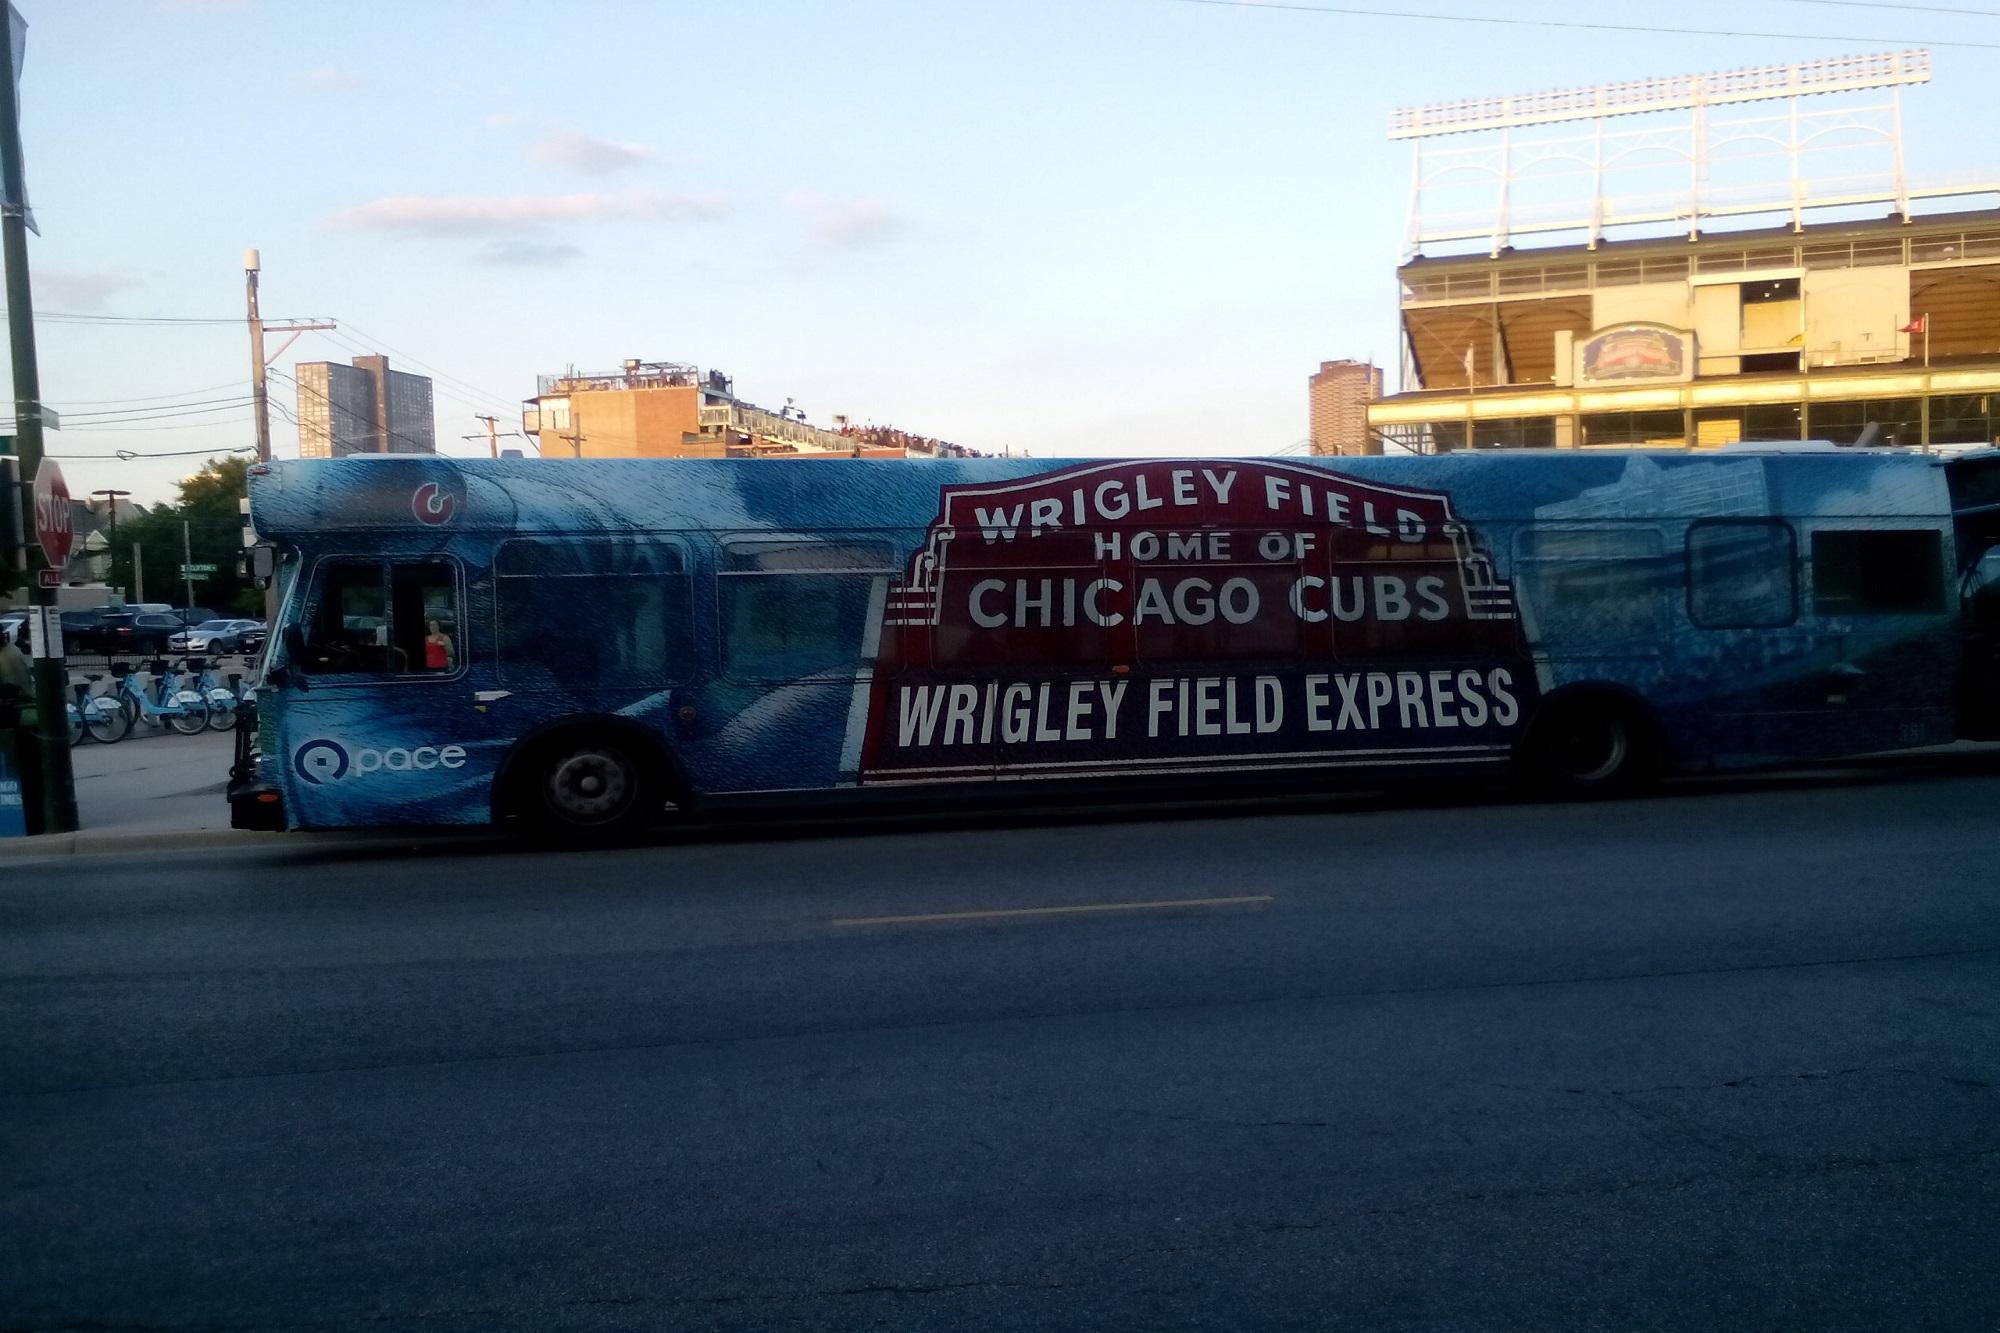 Wrigley Field Express